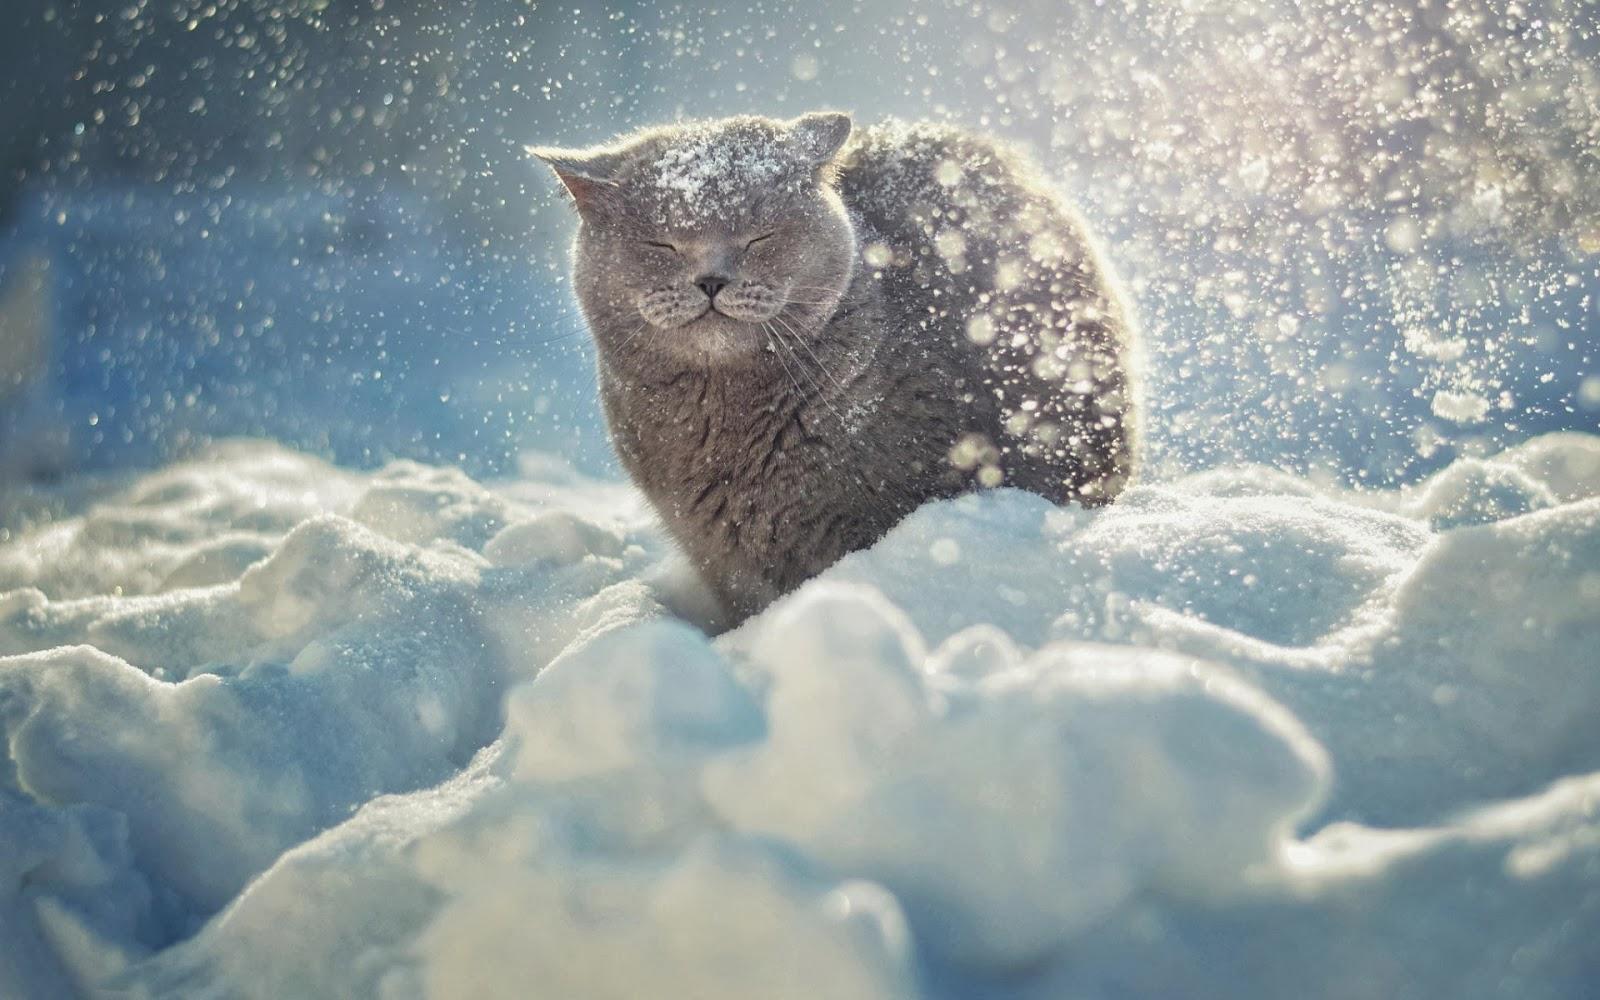 Wallpaper met een kat buiten in een sneeuwstorm